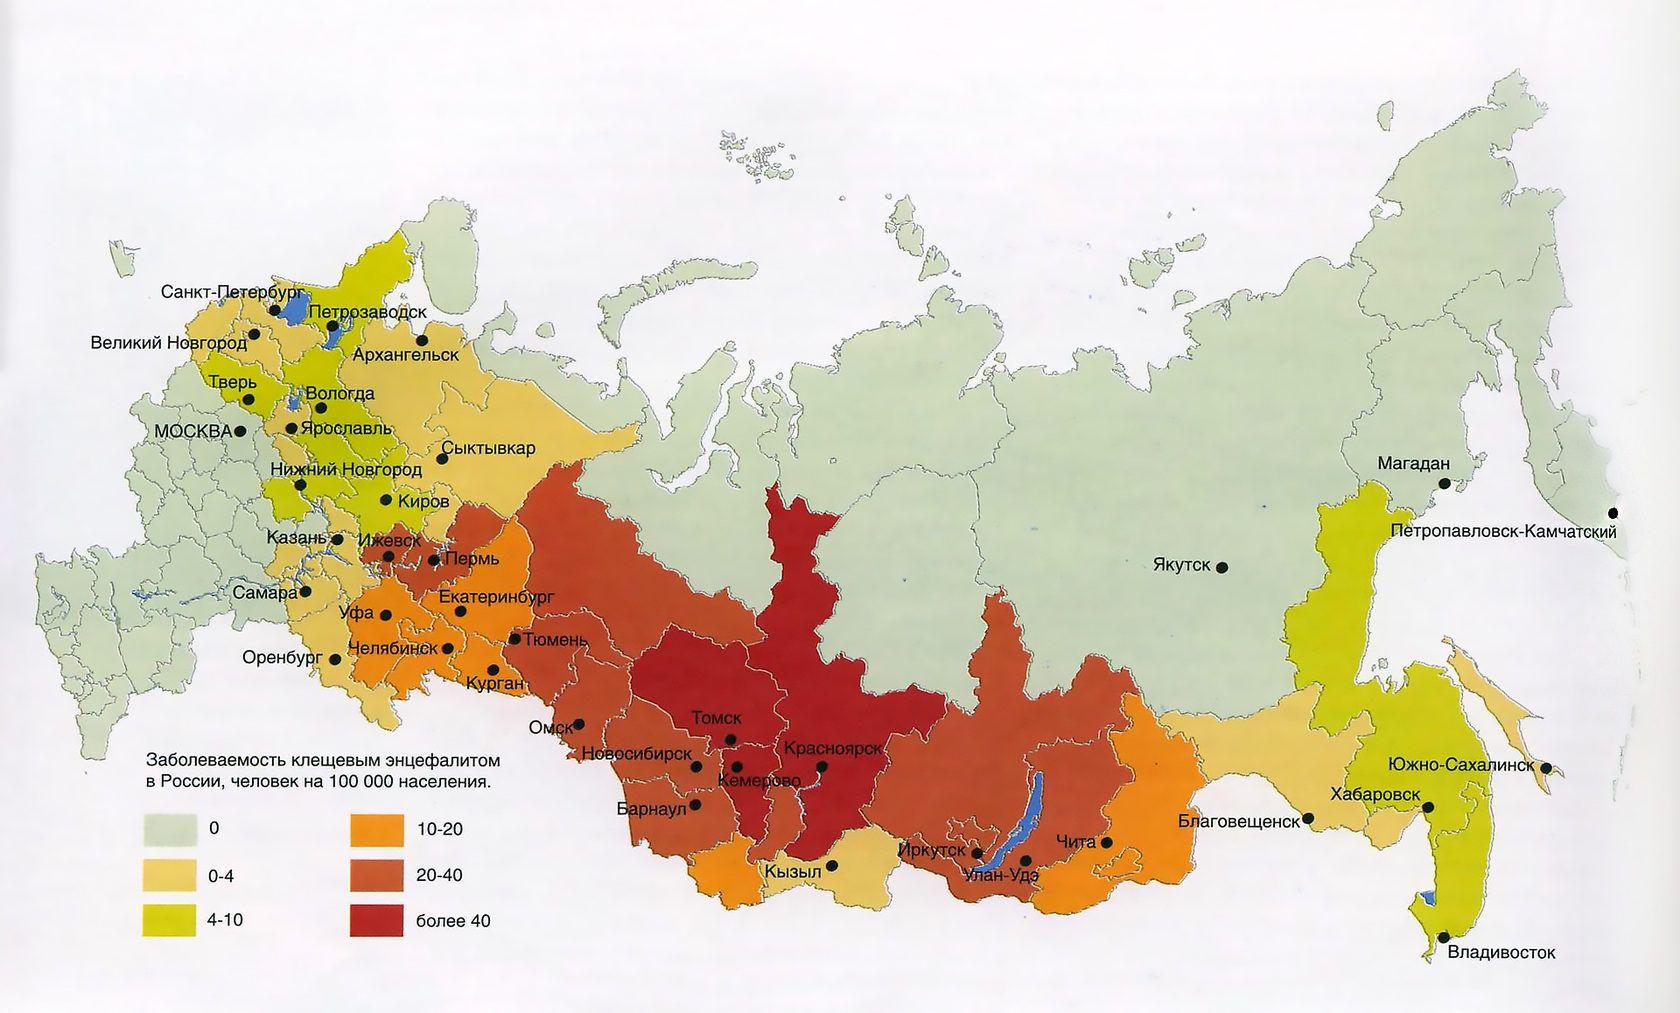 карта эндемичности клещ РФ.jpg